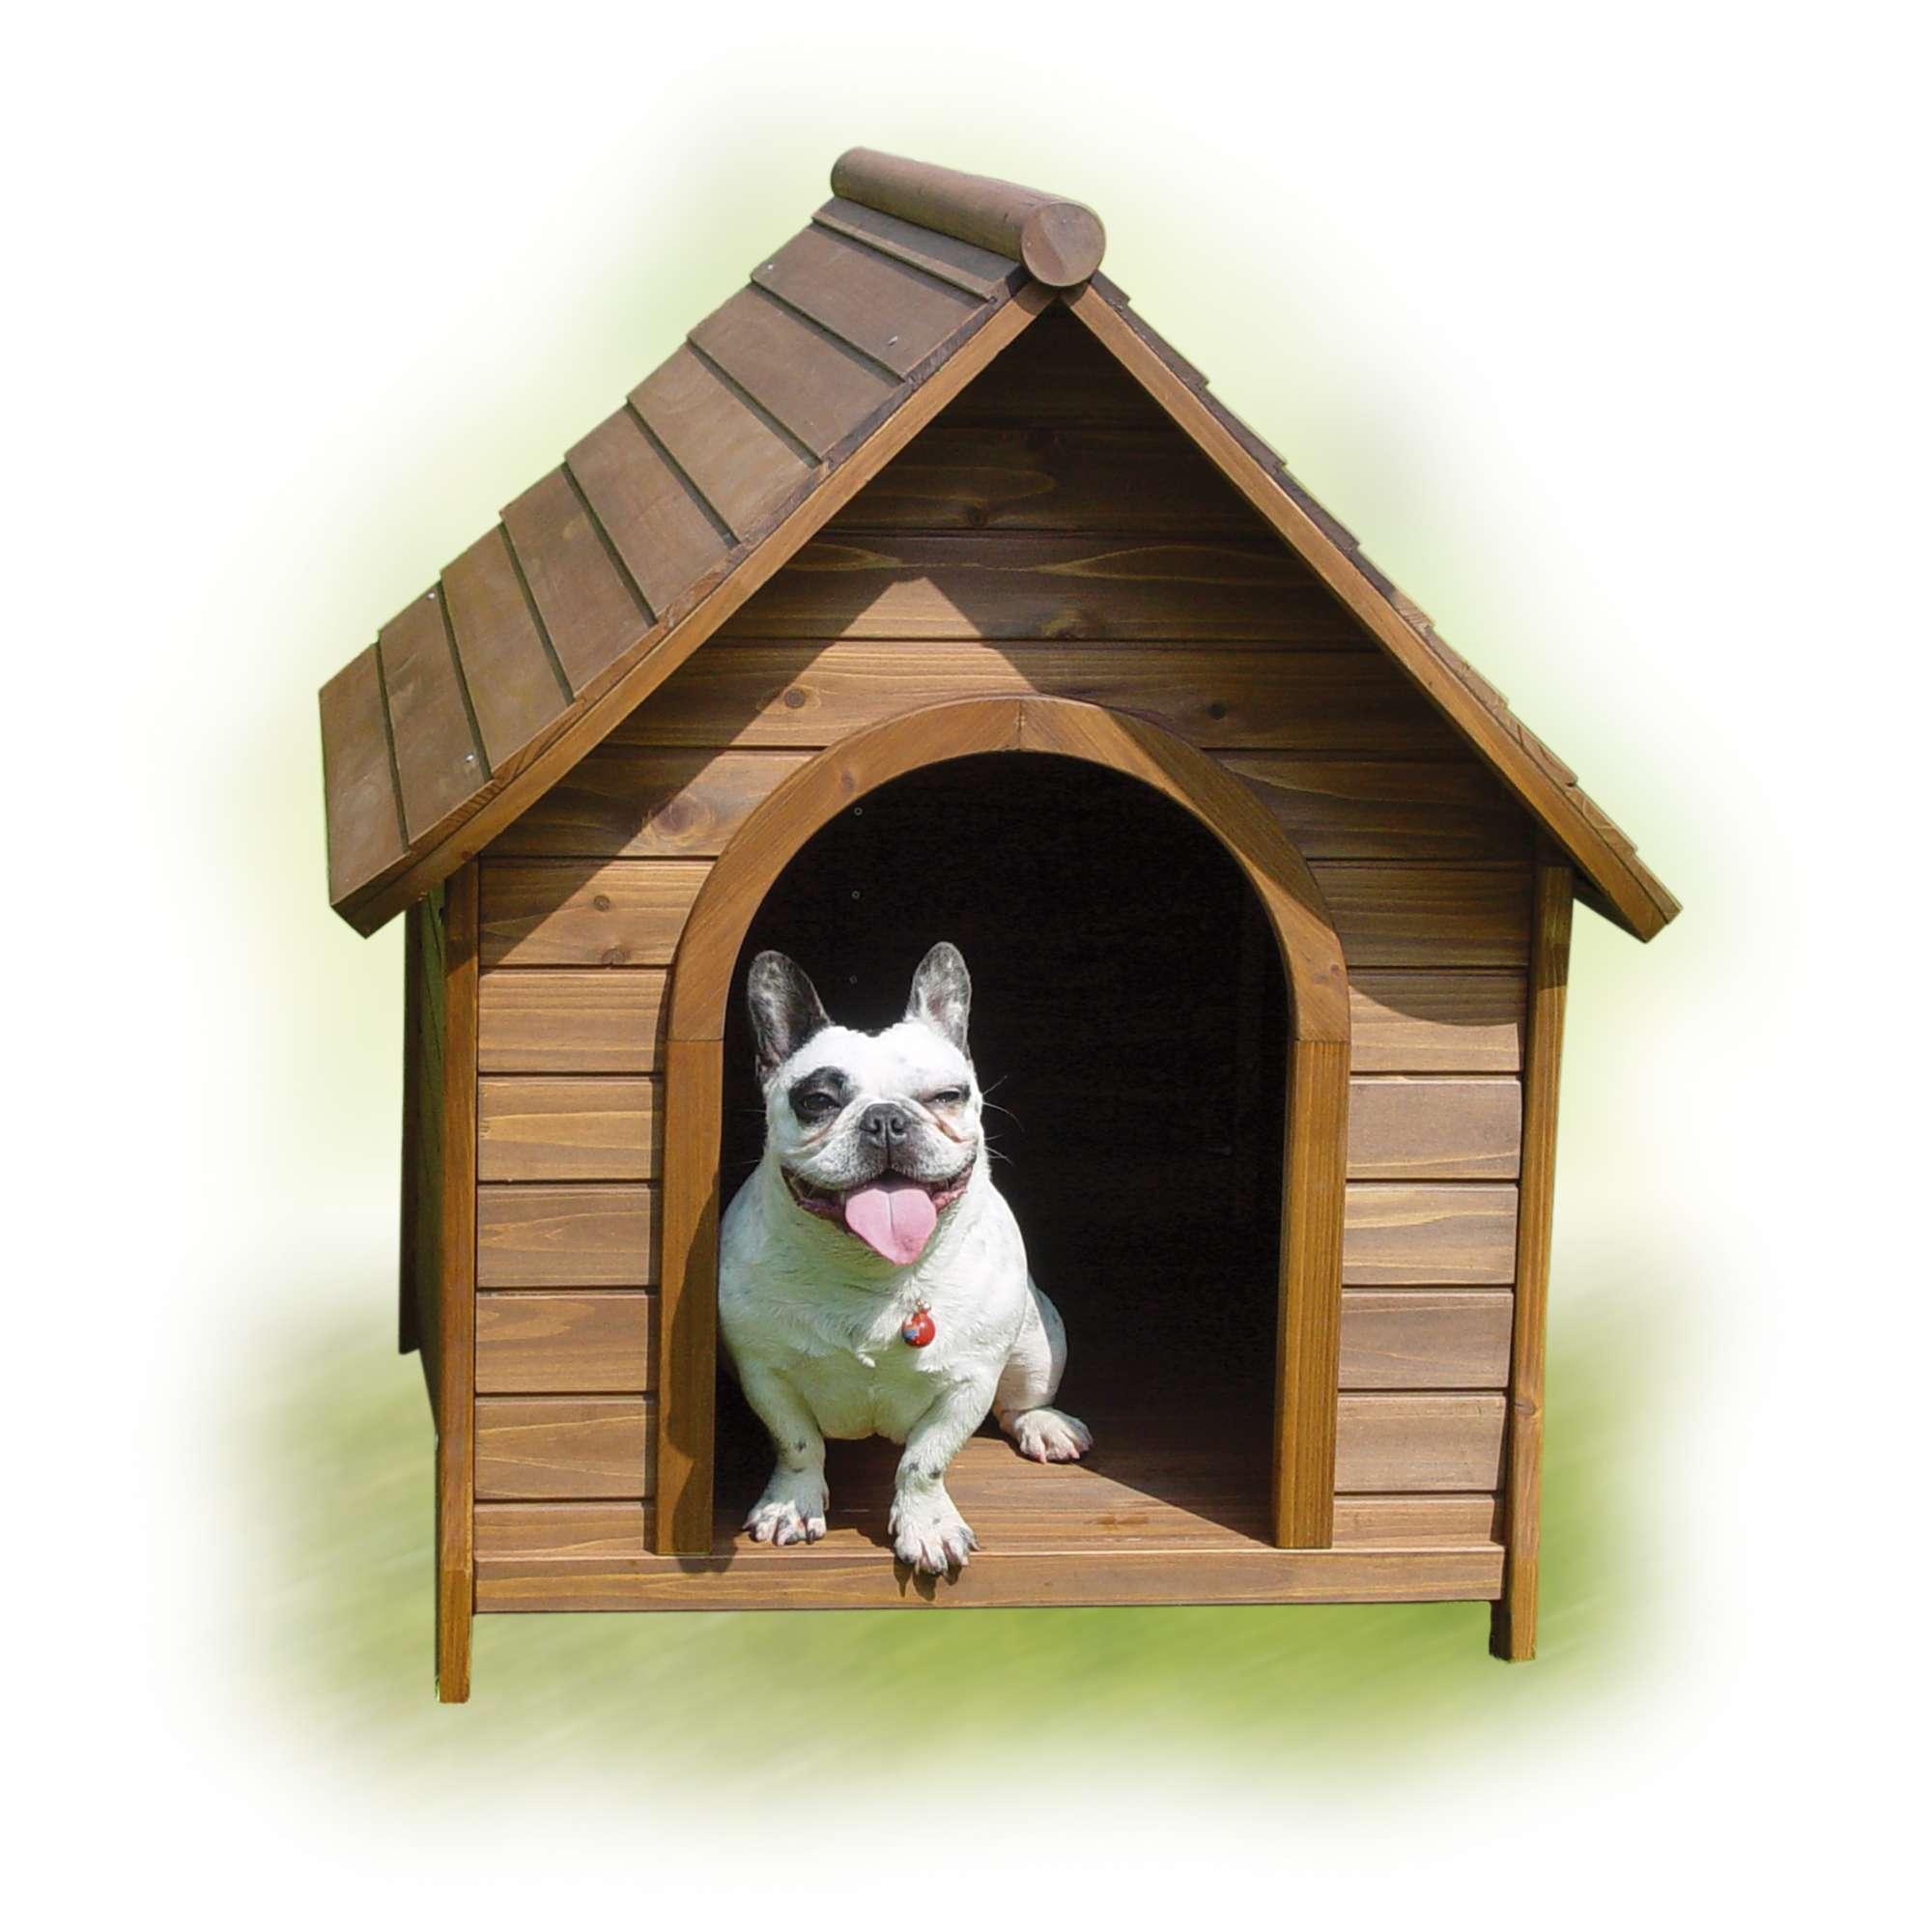 Caseta de madera nature ica s a - Verdecora mascotas ...